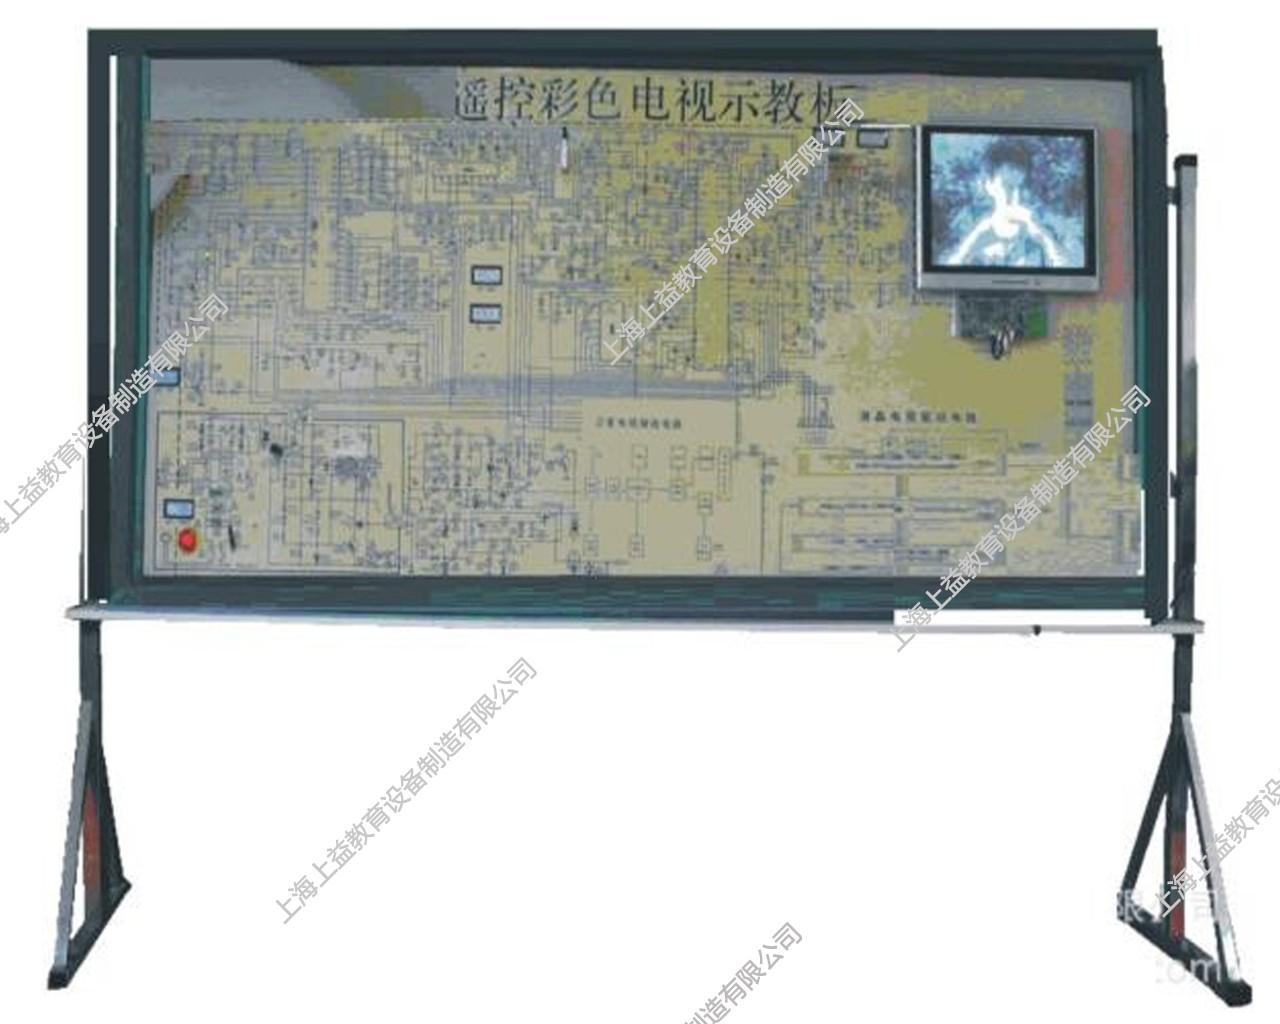 SYJYD-01 遥控彩色液晶电视示教板